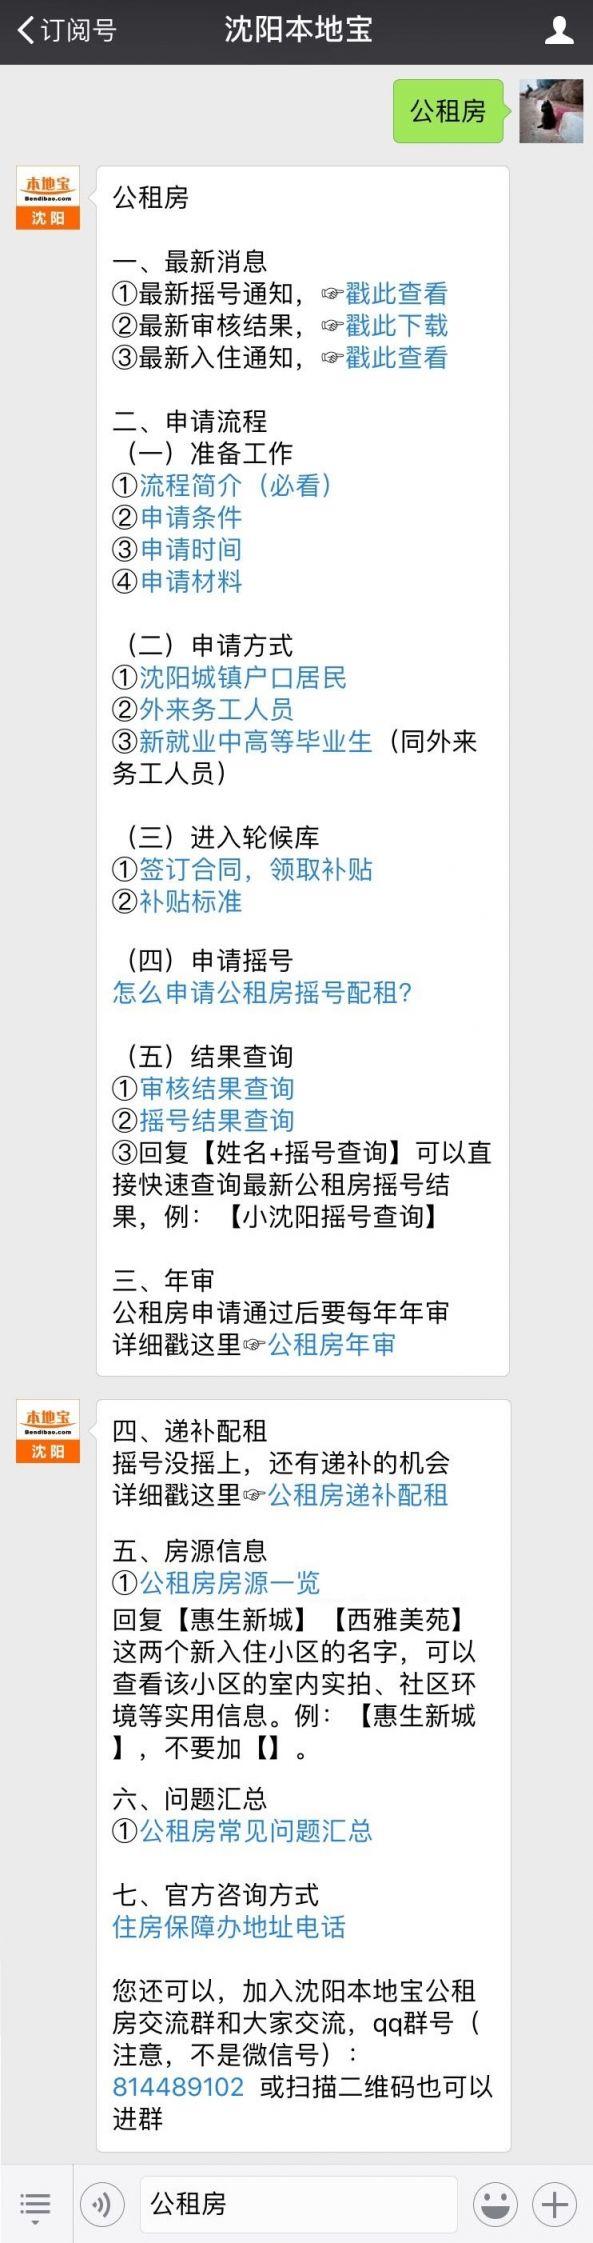 2018沈阳公租房最新消息(持续更新)